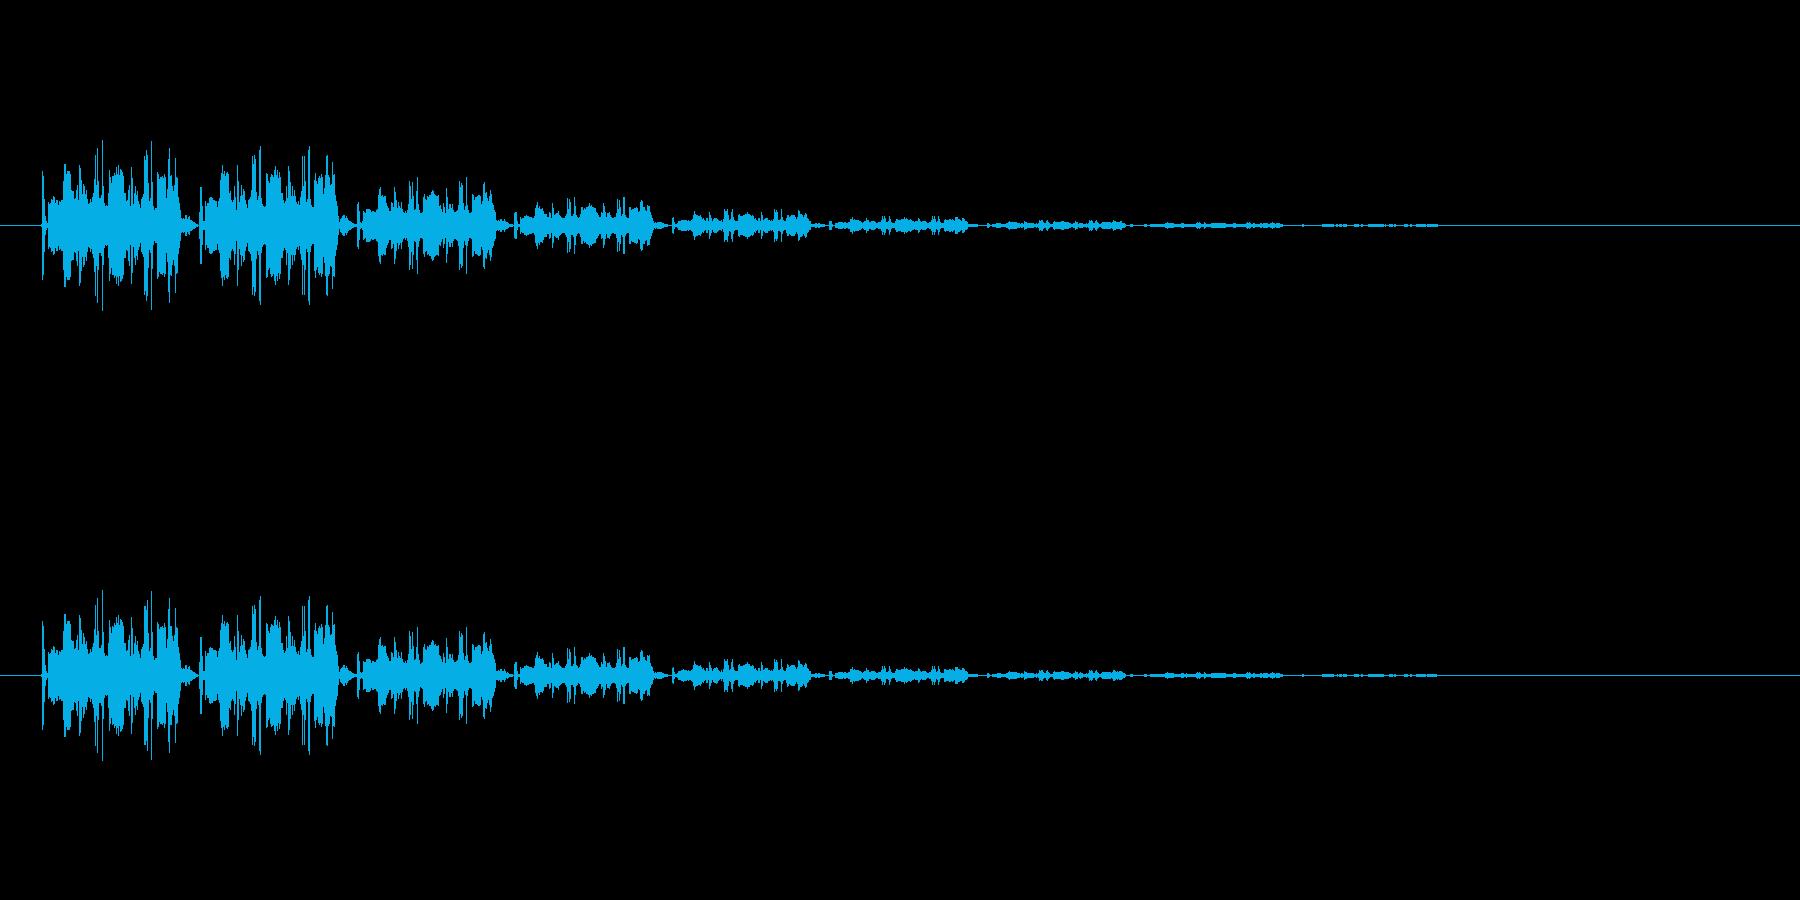 【骨折01-6】の再生済みの波形